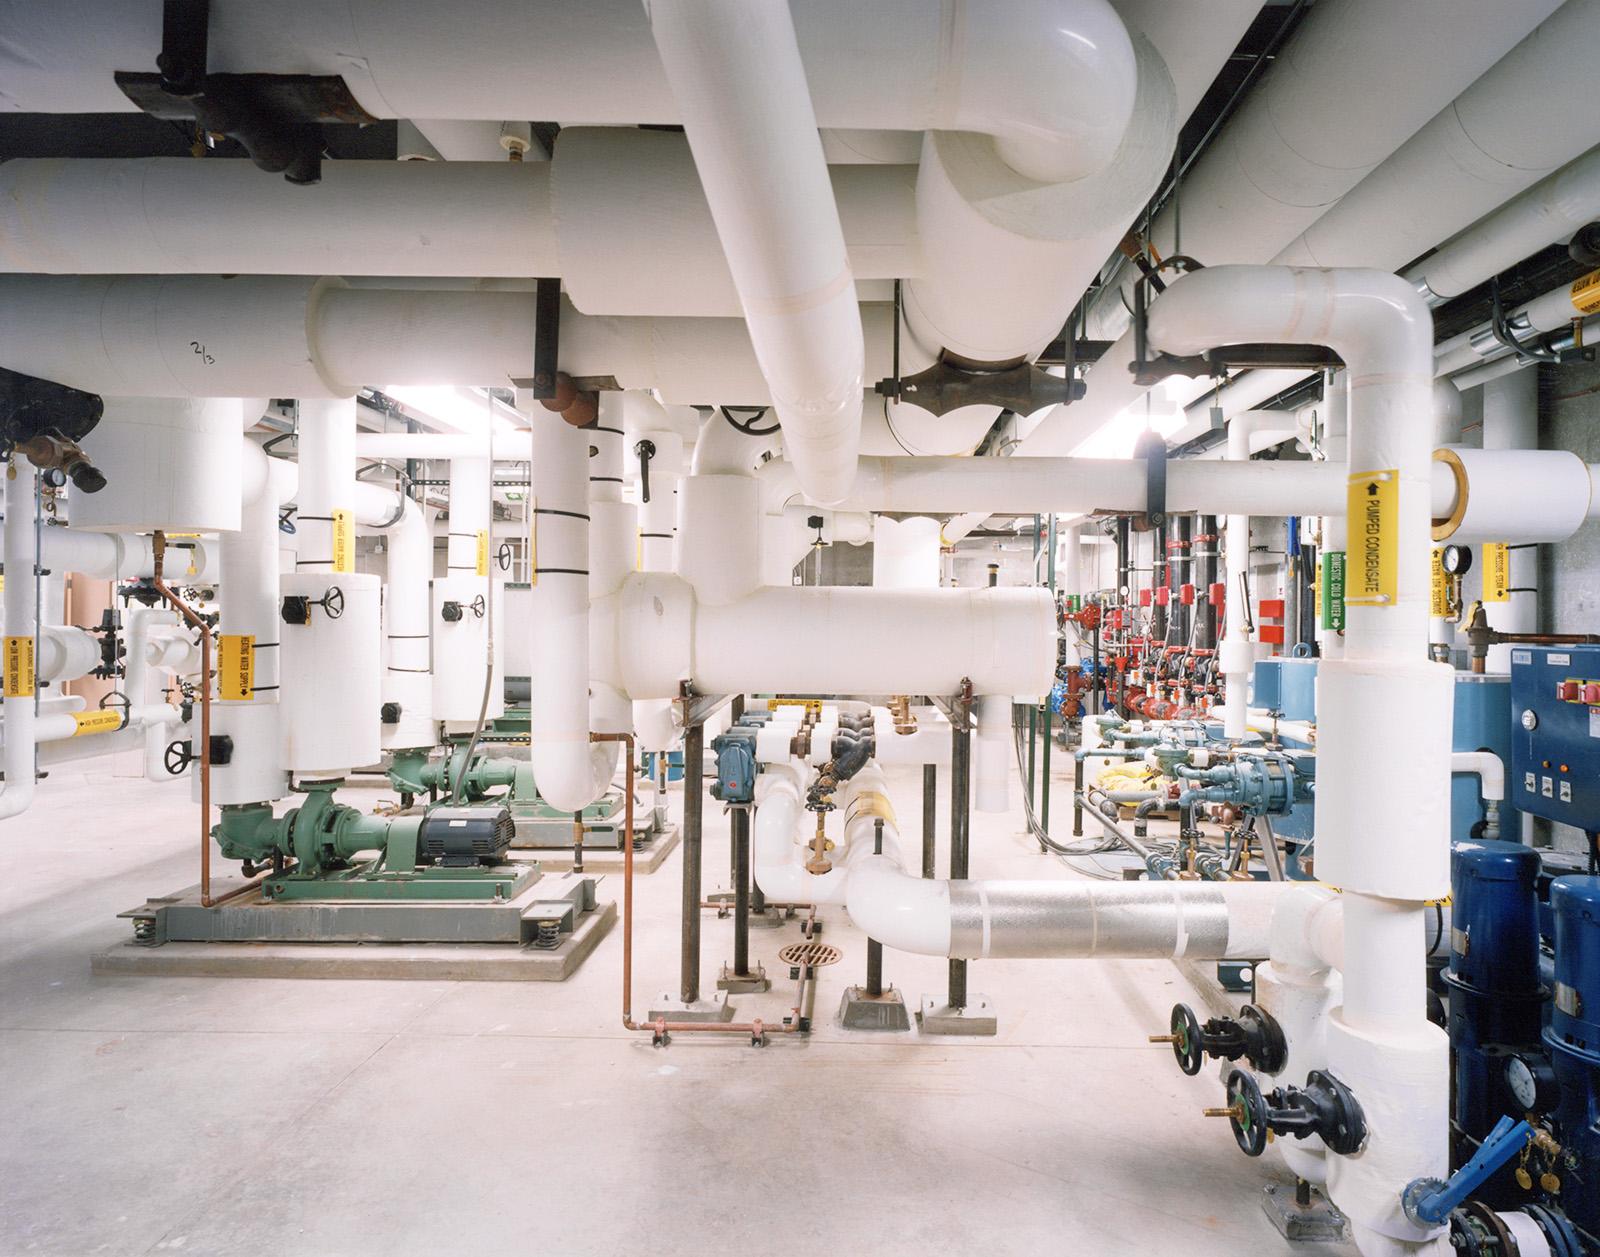 msp-forensic-lab-utilities